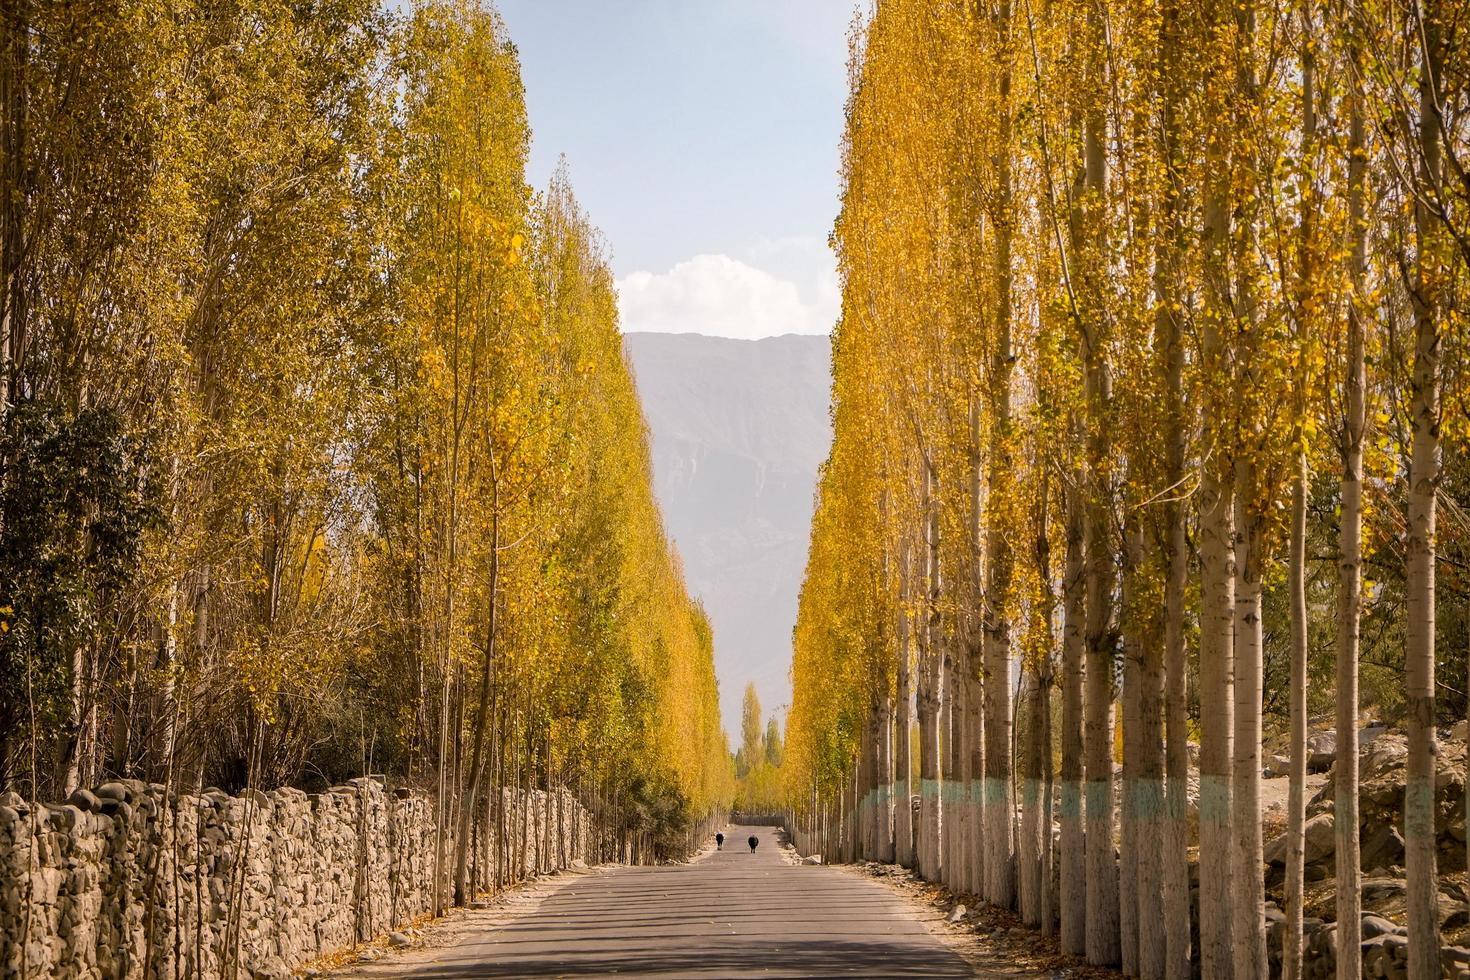 weg naar khaplu in de herfst in ghowari dorp, pakistan foto